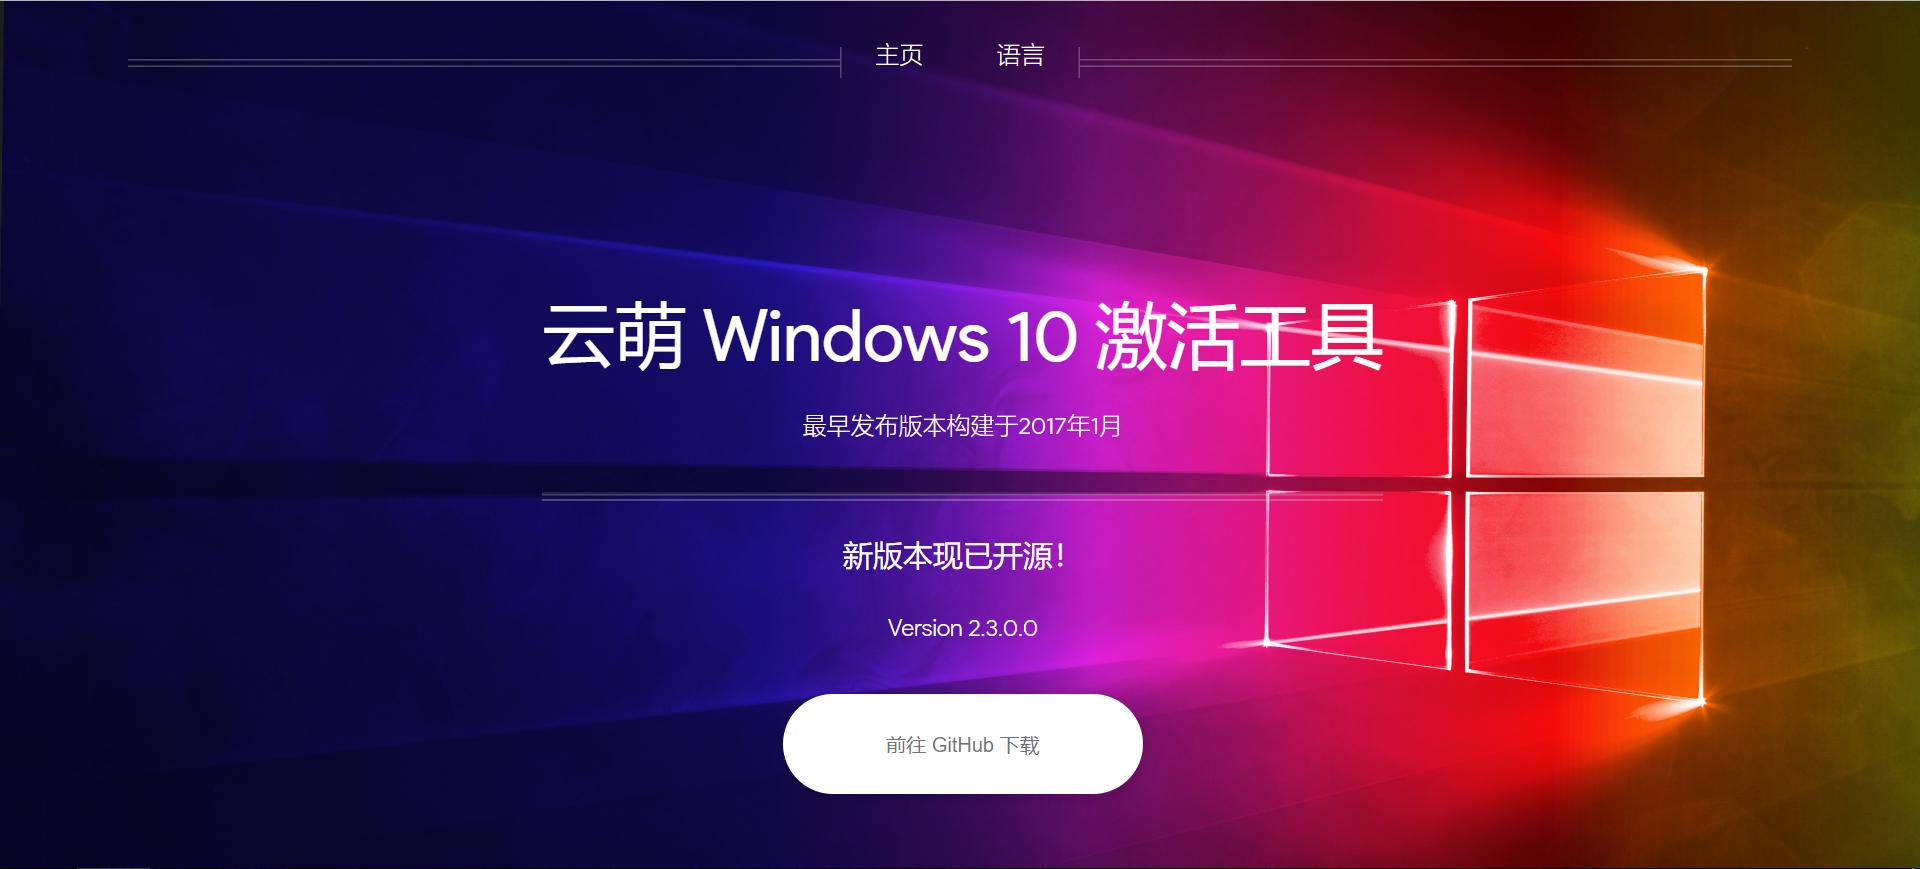 云萌:开源win10激活工具